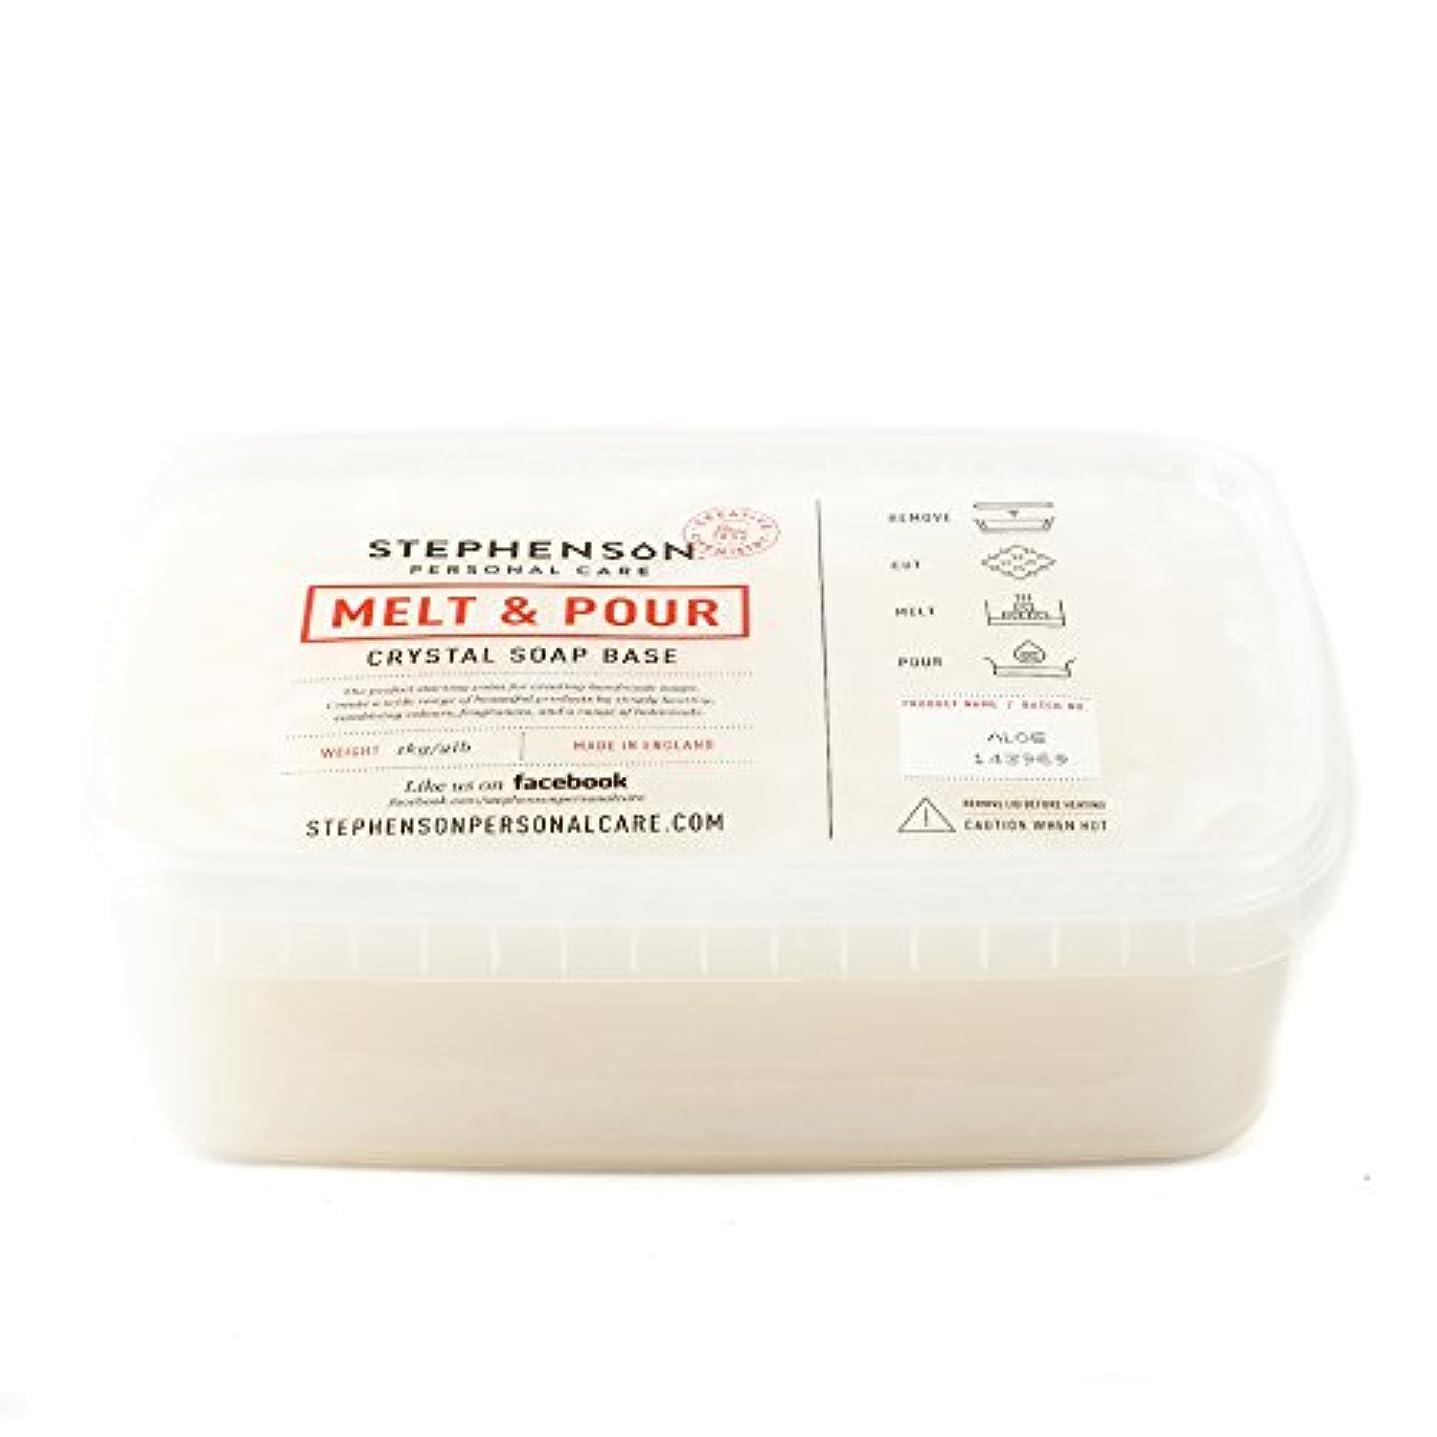 分泌する海賊幻想Melt and Pour Soap Base - Aloe Vera - 1Kg